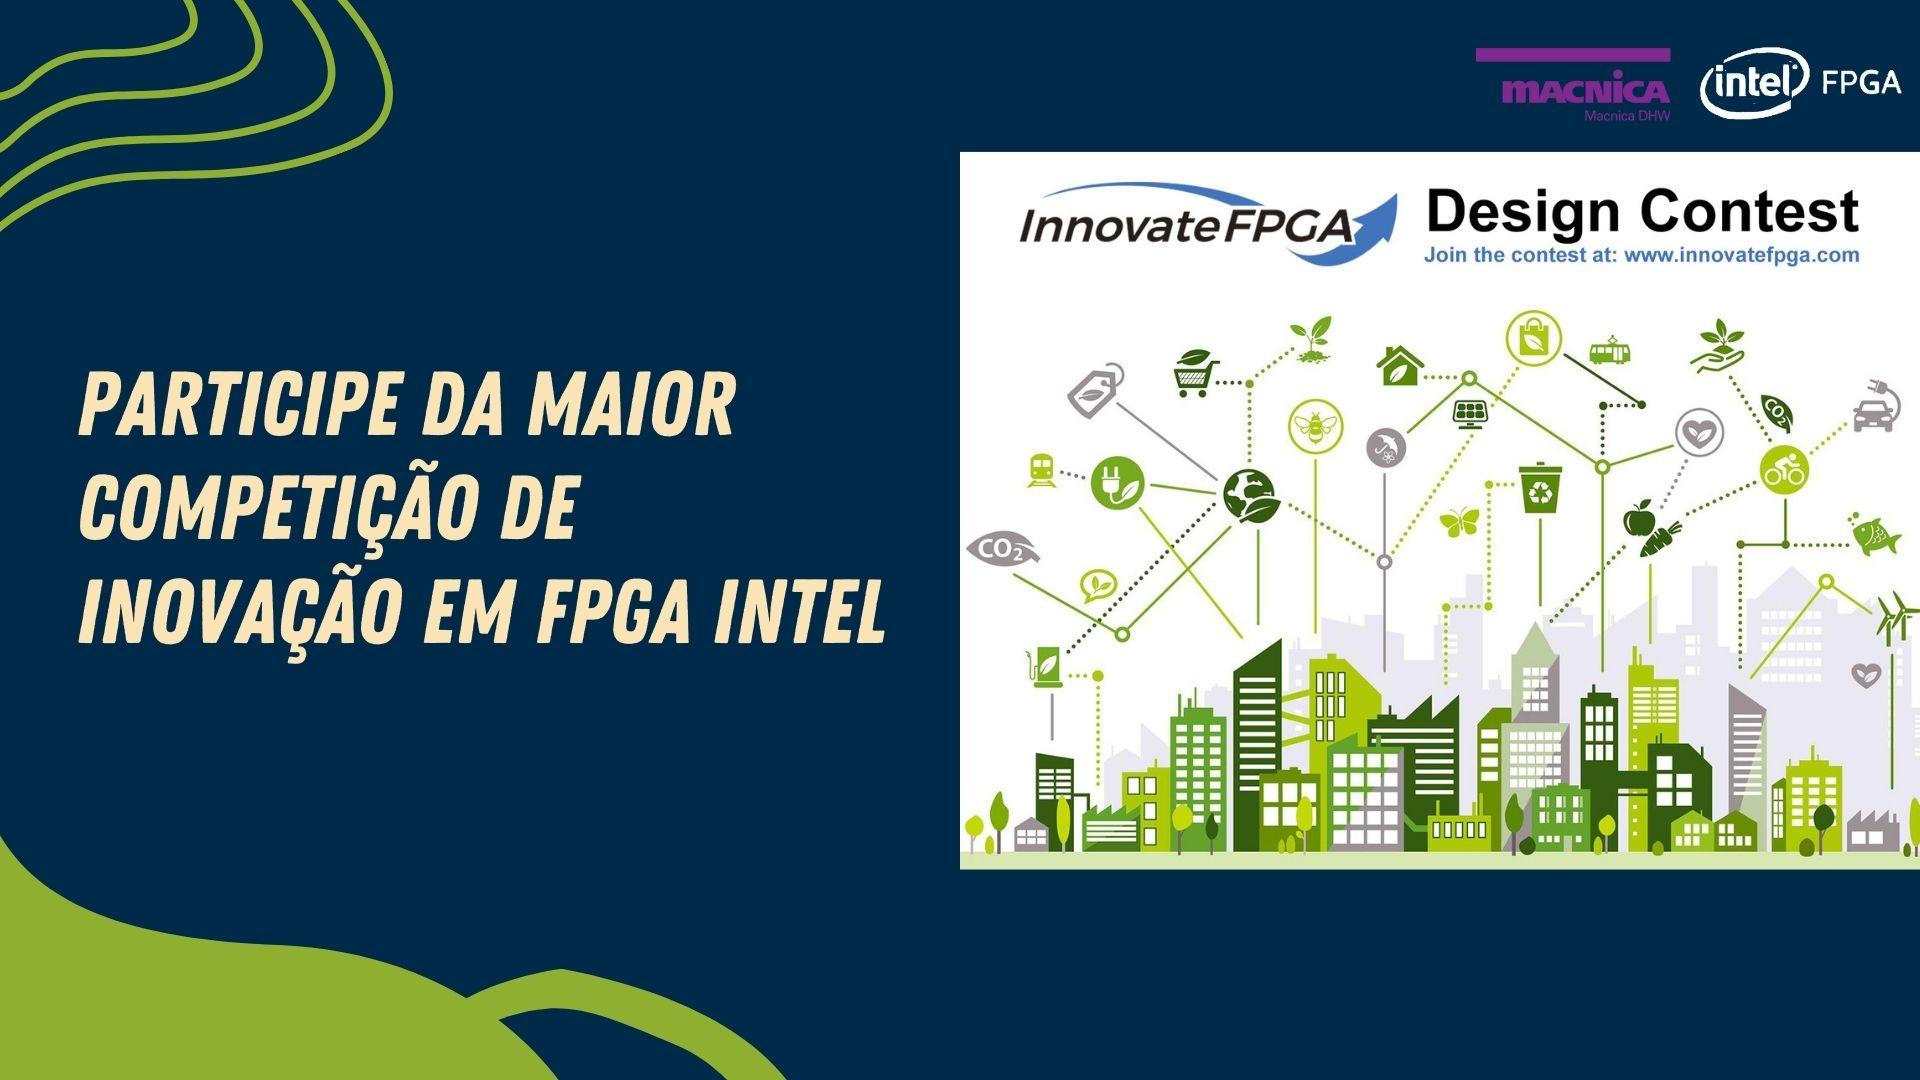 You are currently viewing Participe da maior competição FPGA Intel